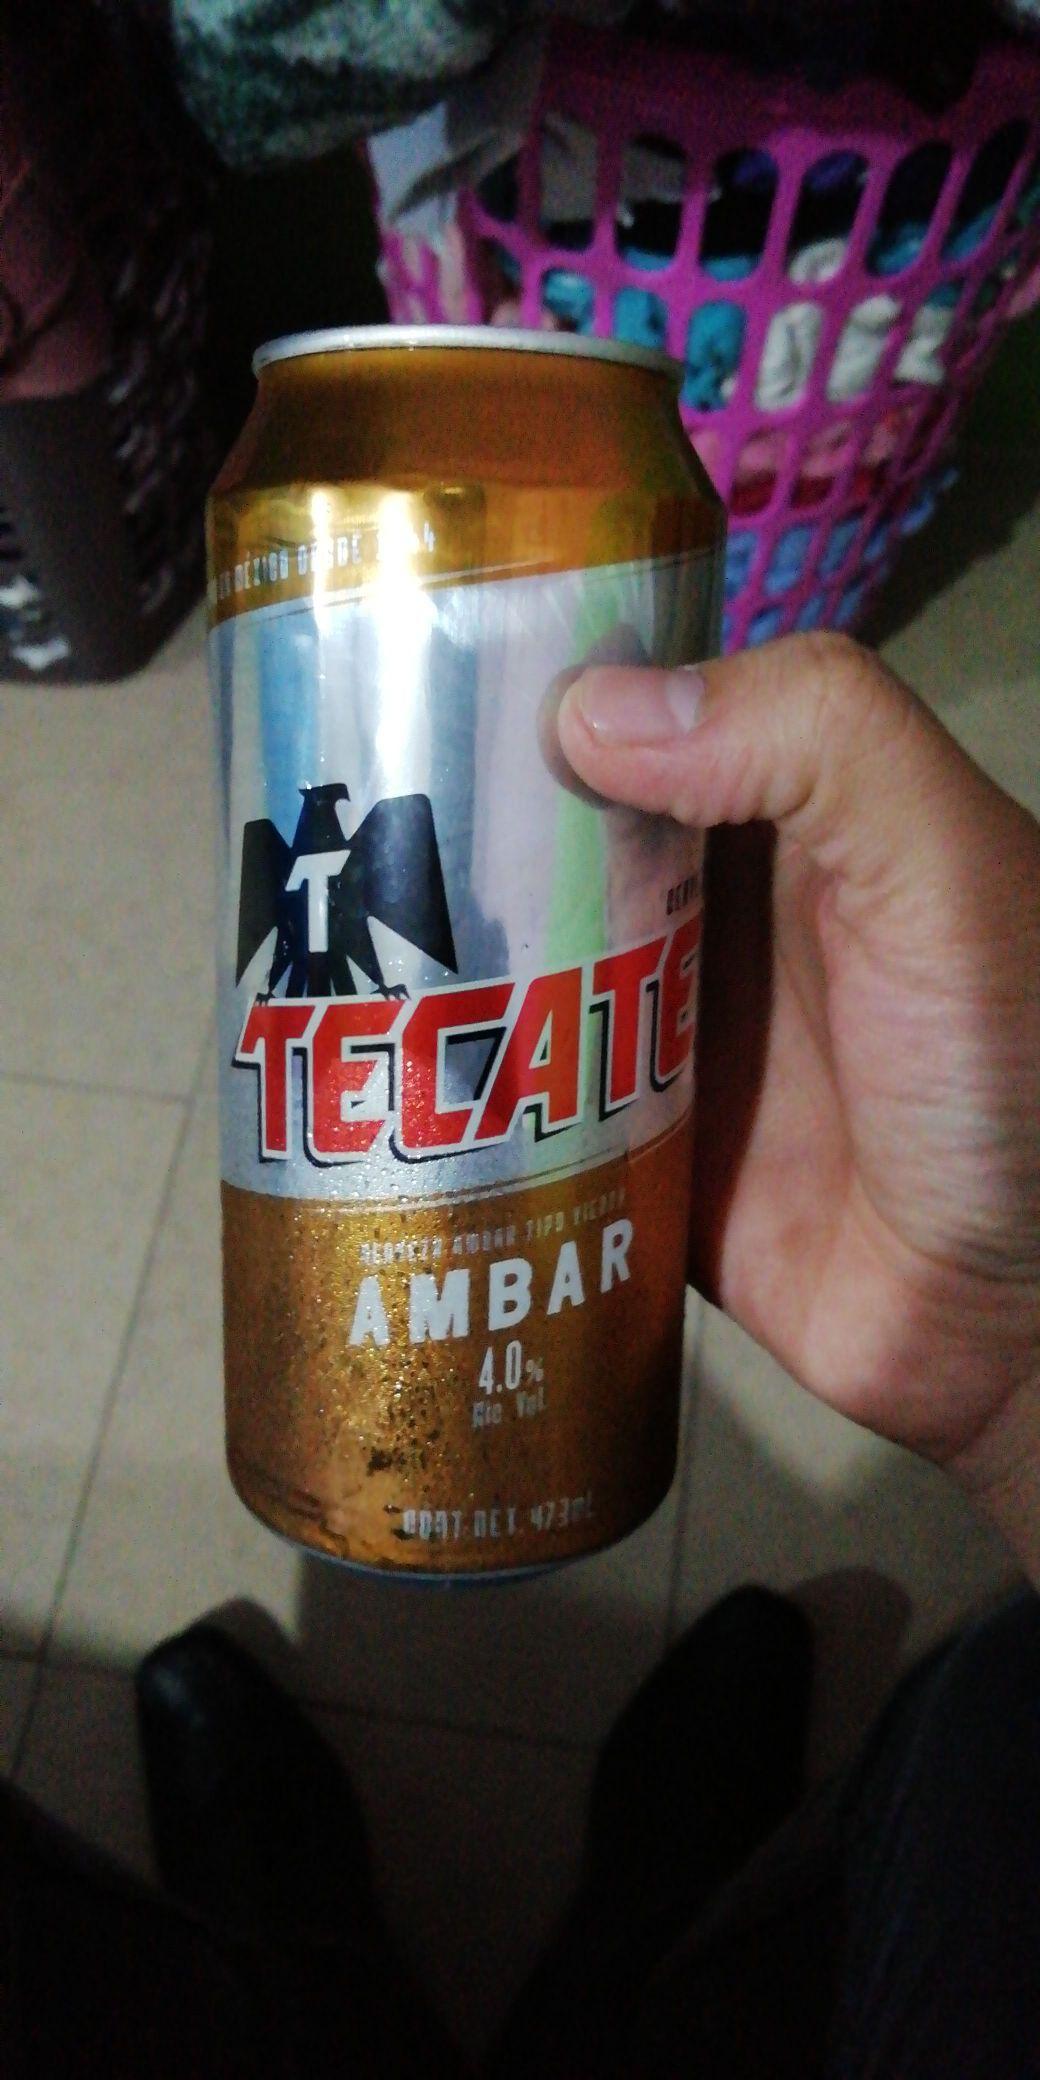 comercial mexicana Tecate ámbar